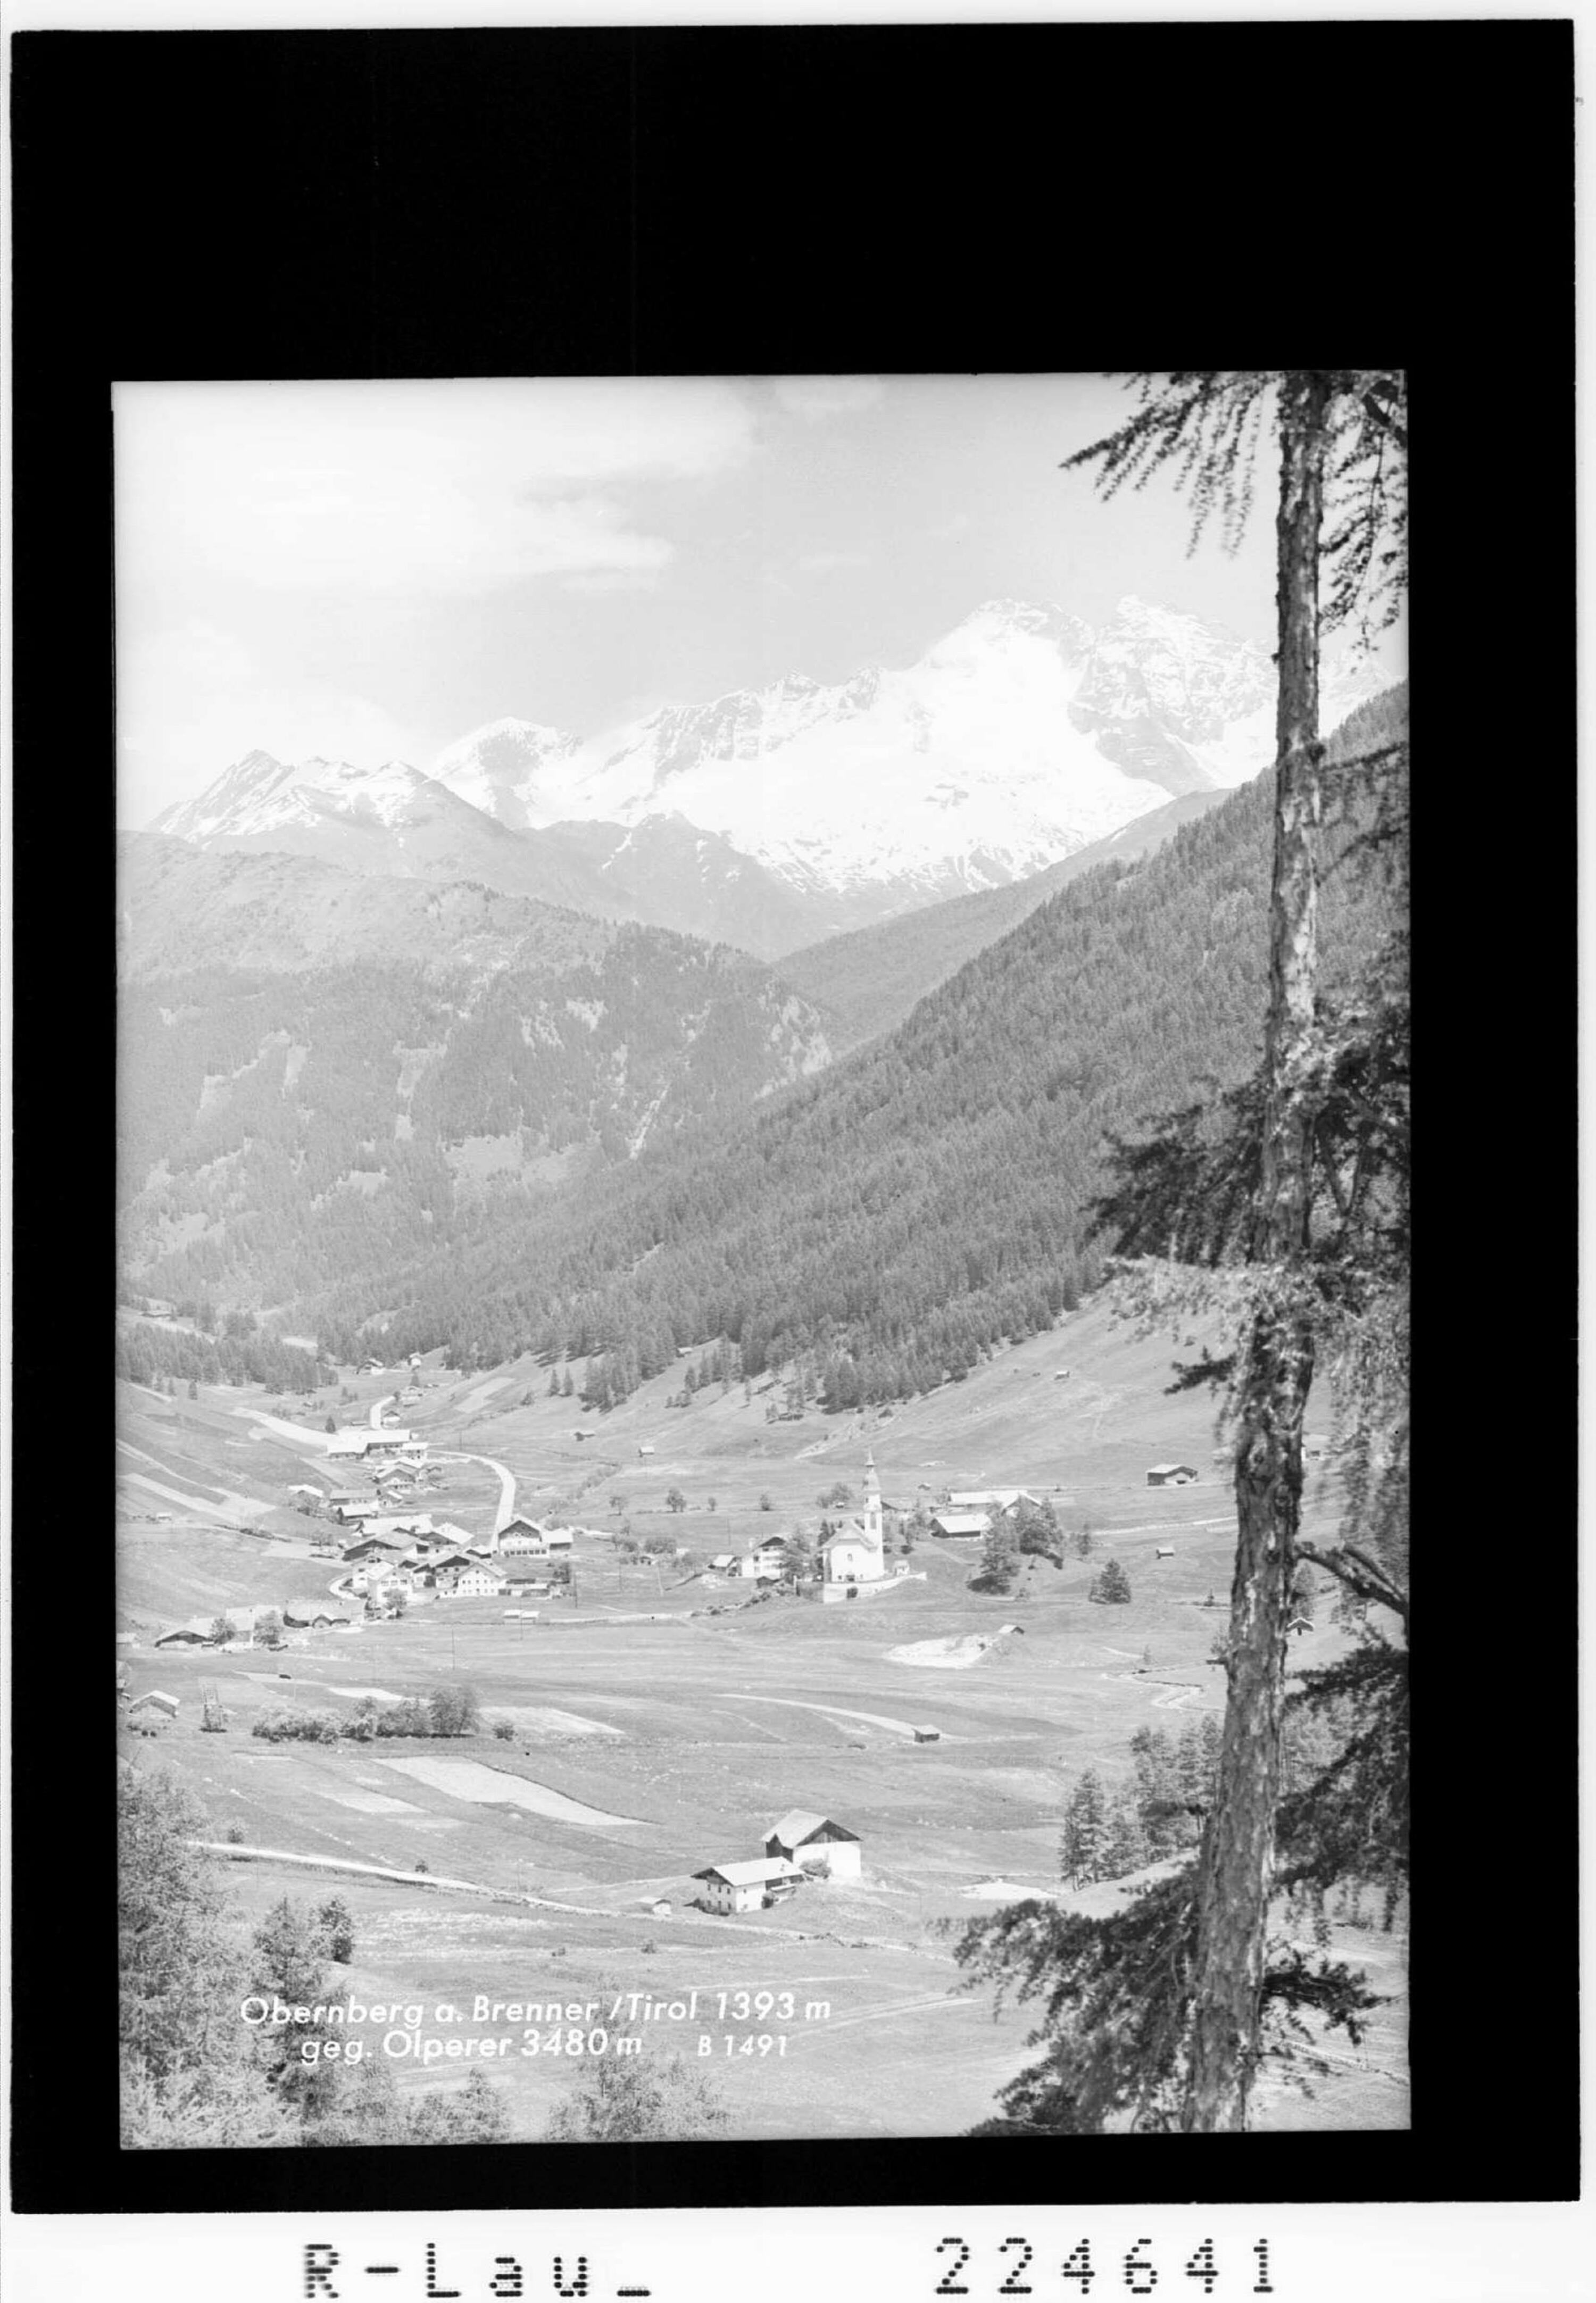 Obernberg am Brenner / Tirol 1393 m gegen Olperer 3480 m von Wilhelm Stempfle